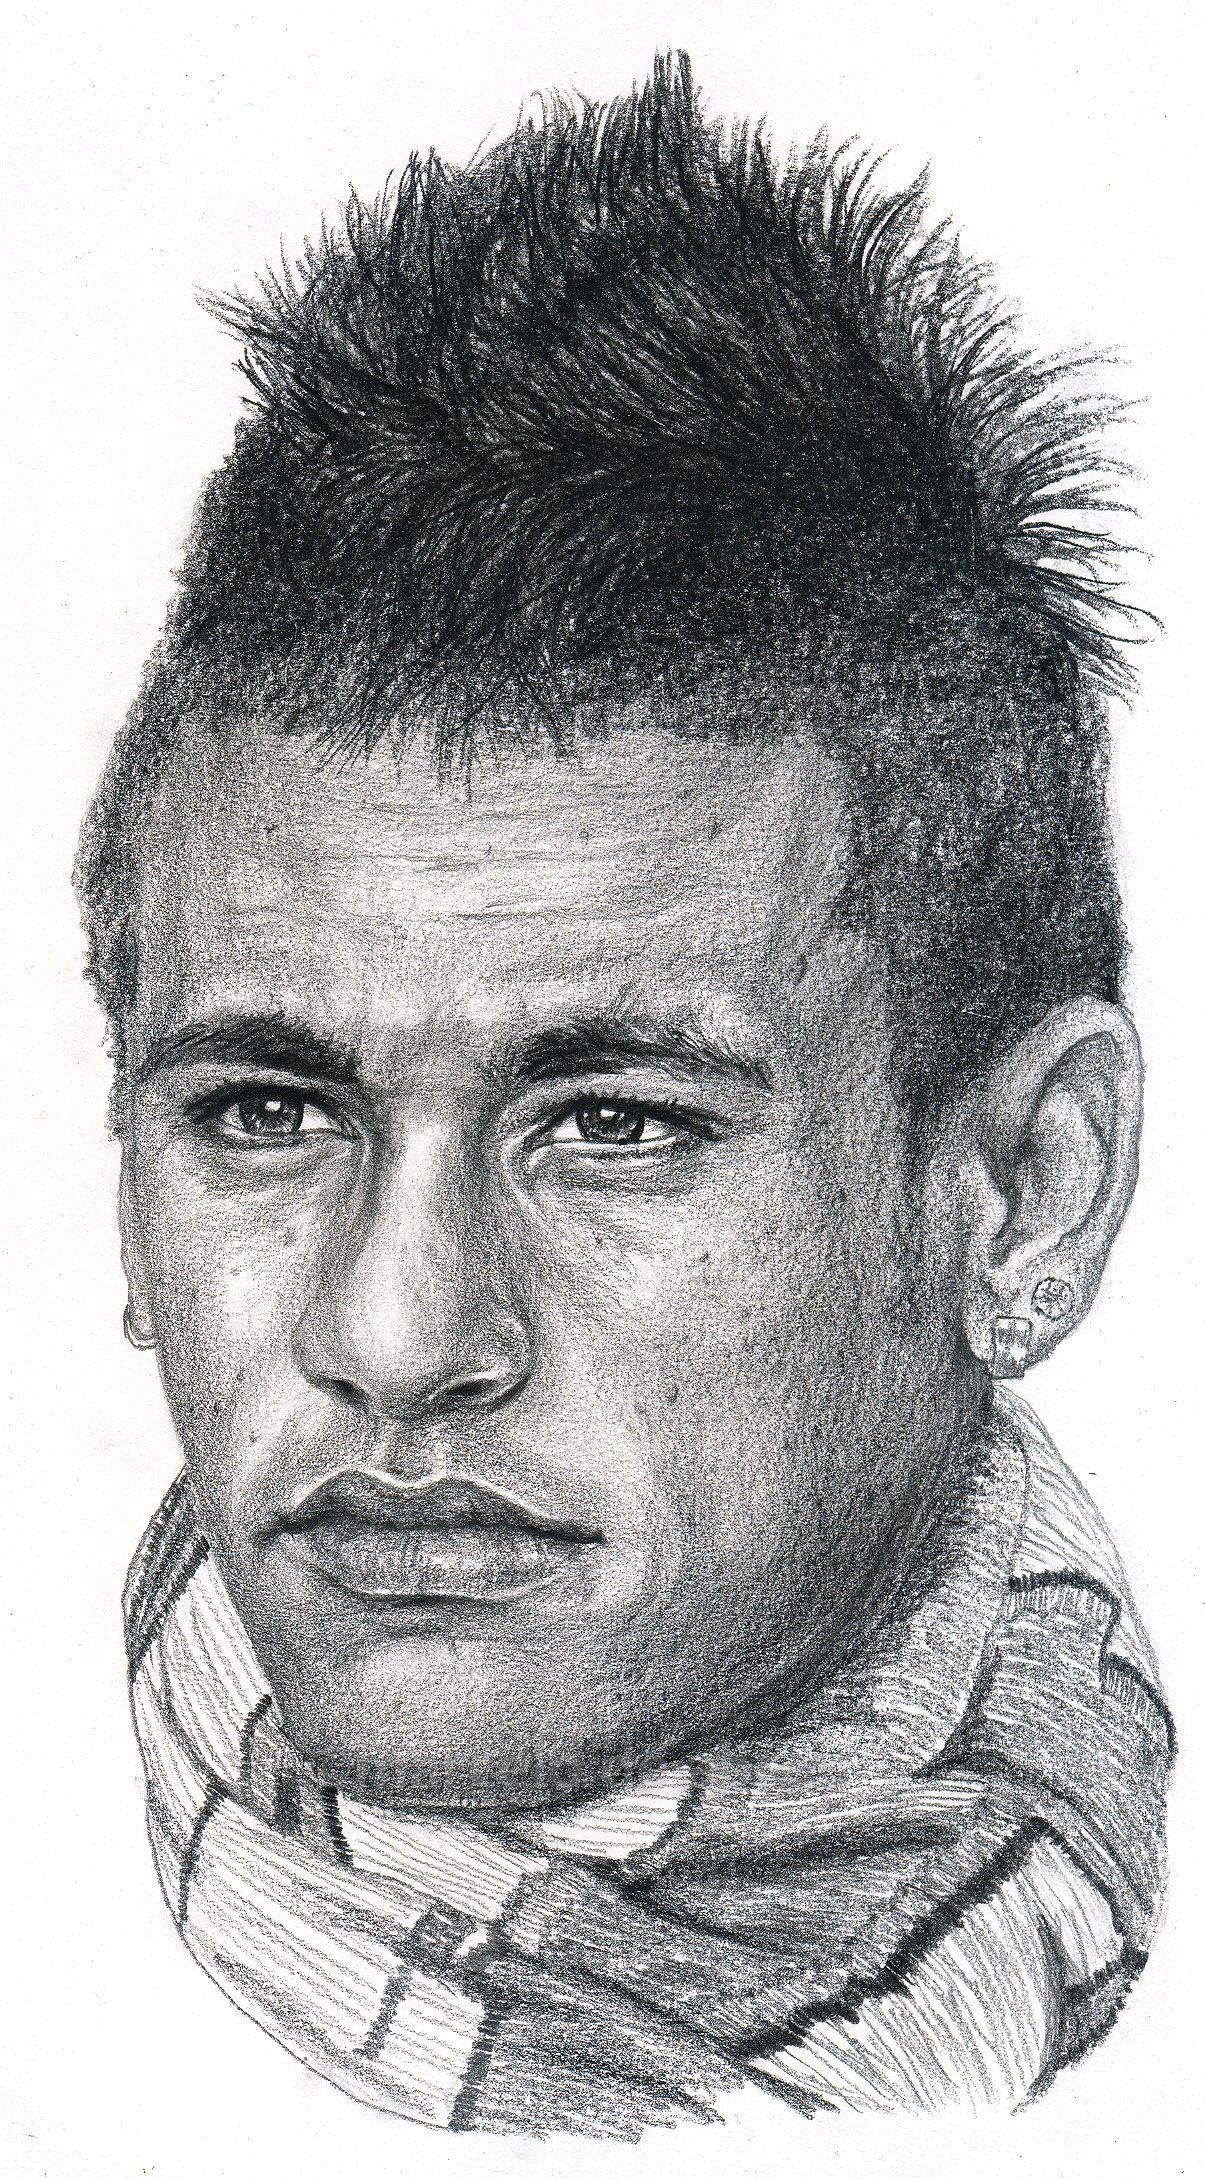 Brazilian soccer player neymar drawing by marcelo f de abreu